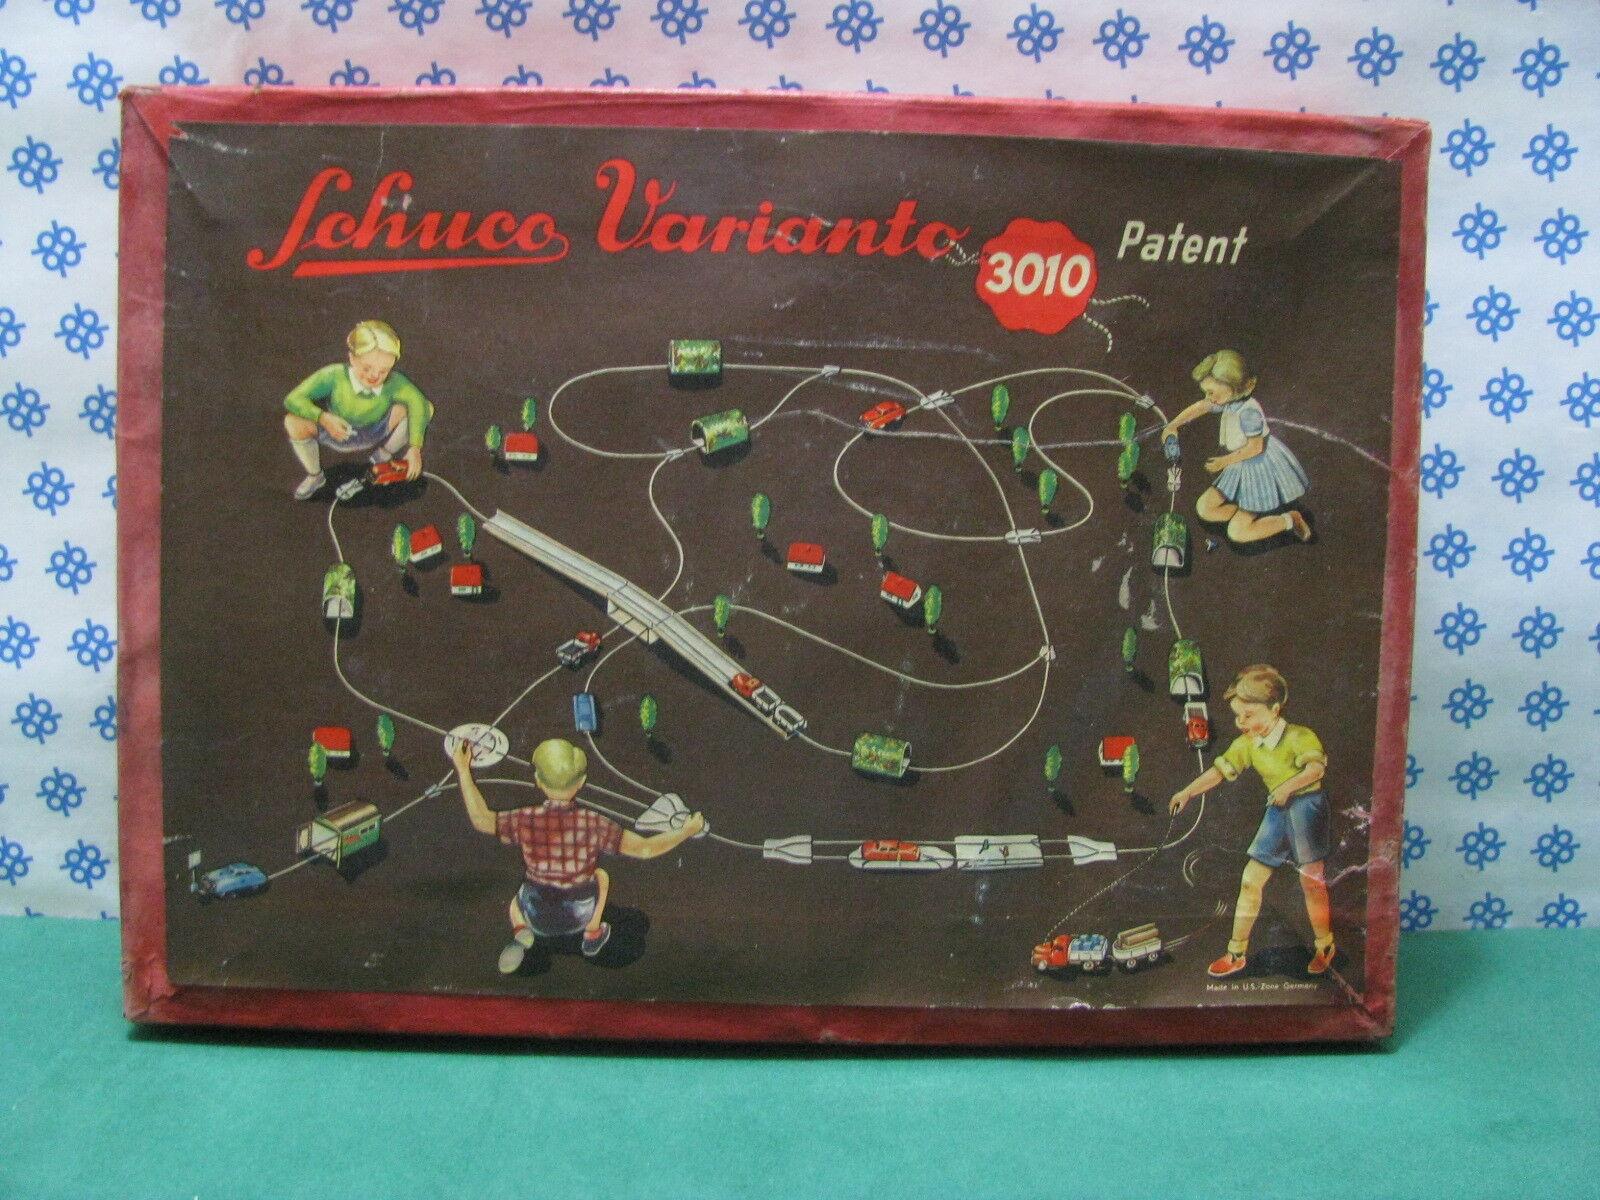 Vintage  SCHUCO Varianto 3010  -  BAUVOLARGE fur die spiele A - 1950'